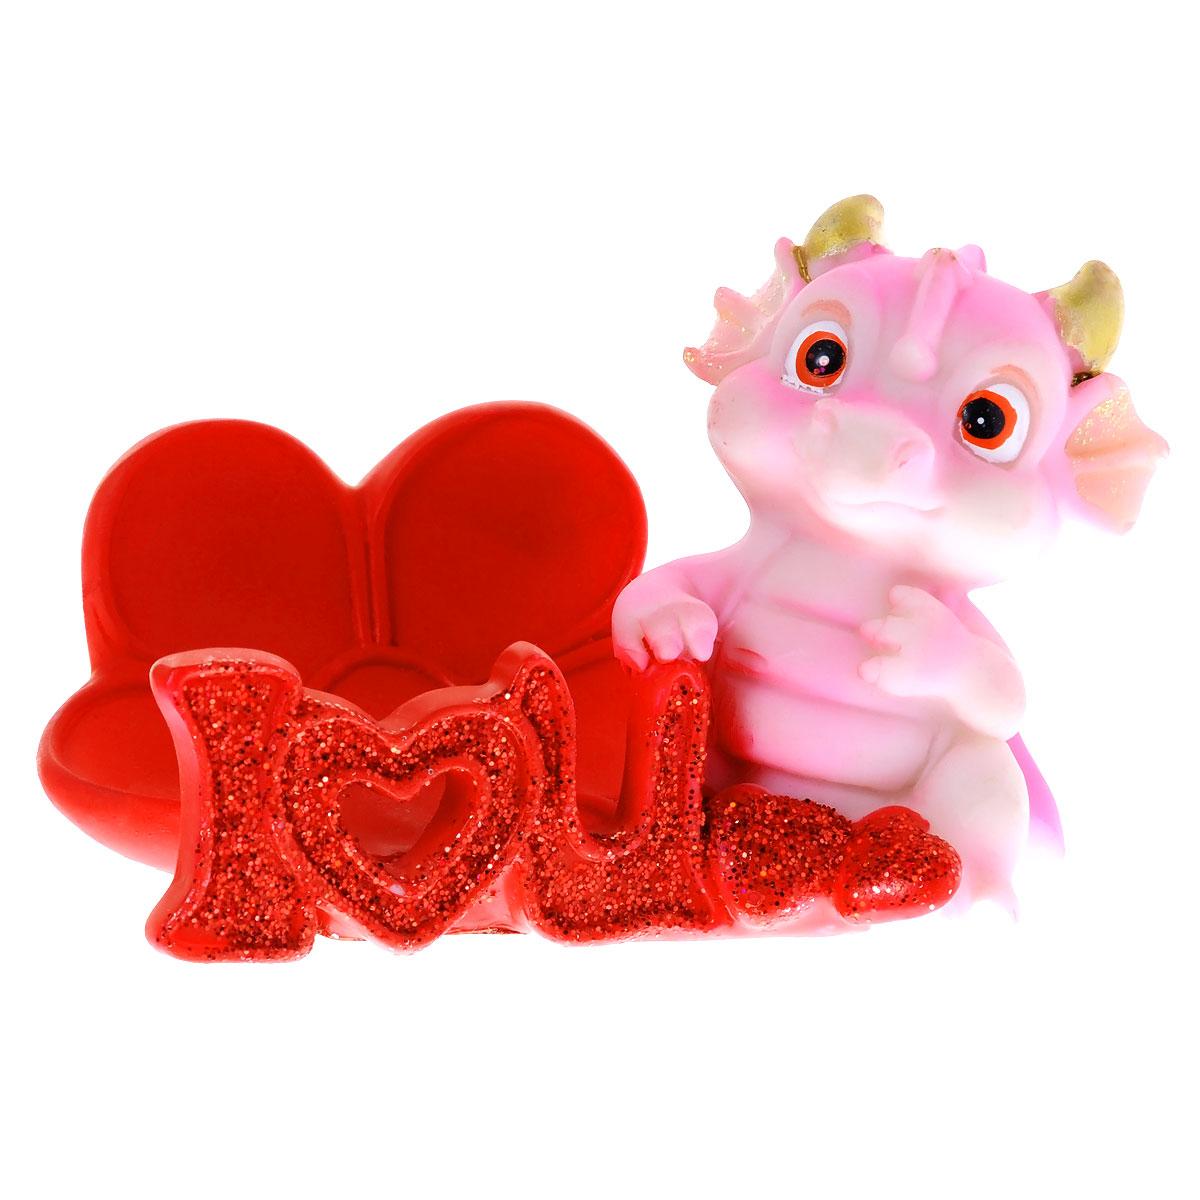 Статуэтка декоративная Lunten Ranta Розовый дракончик, с подставкой для телефона, цвет: красный, розовый статуэтка 25 х 9 х 14 5 см